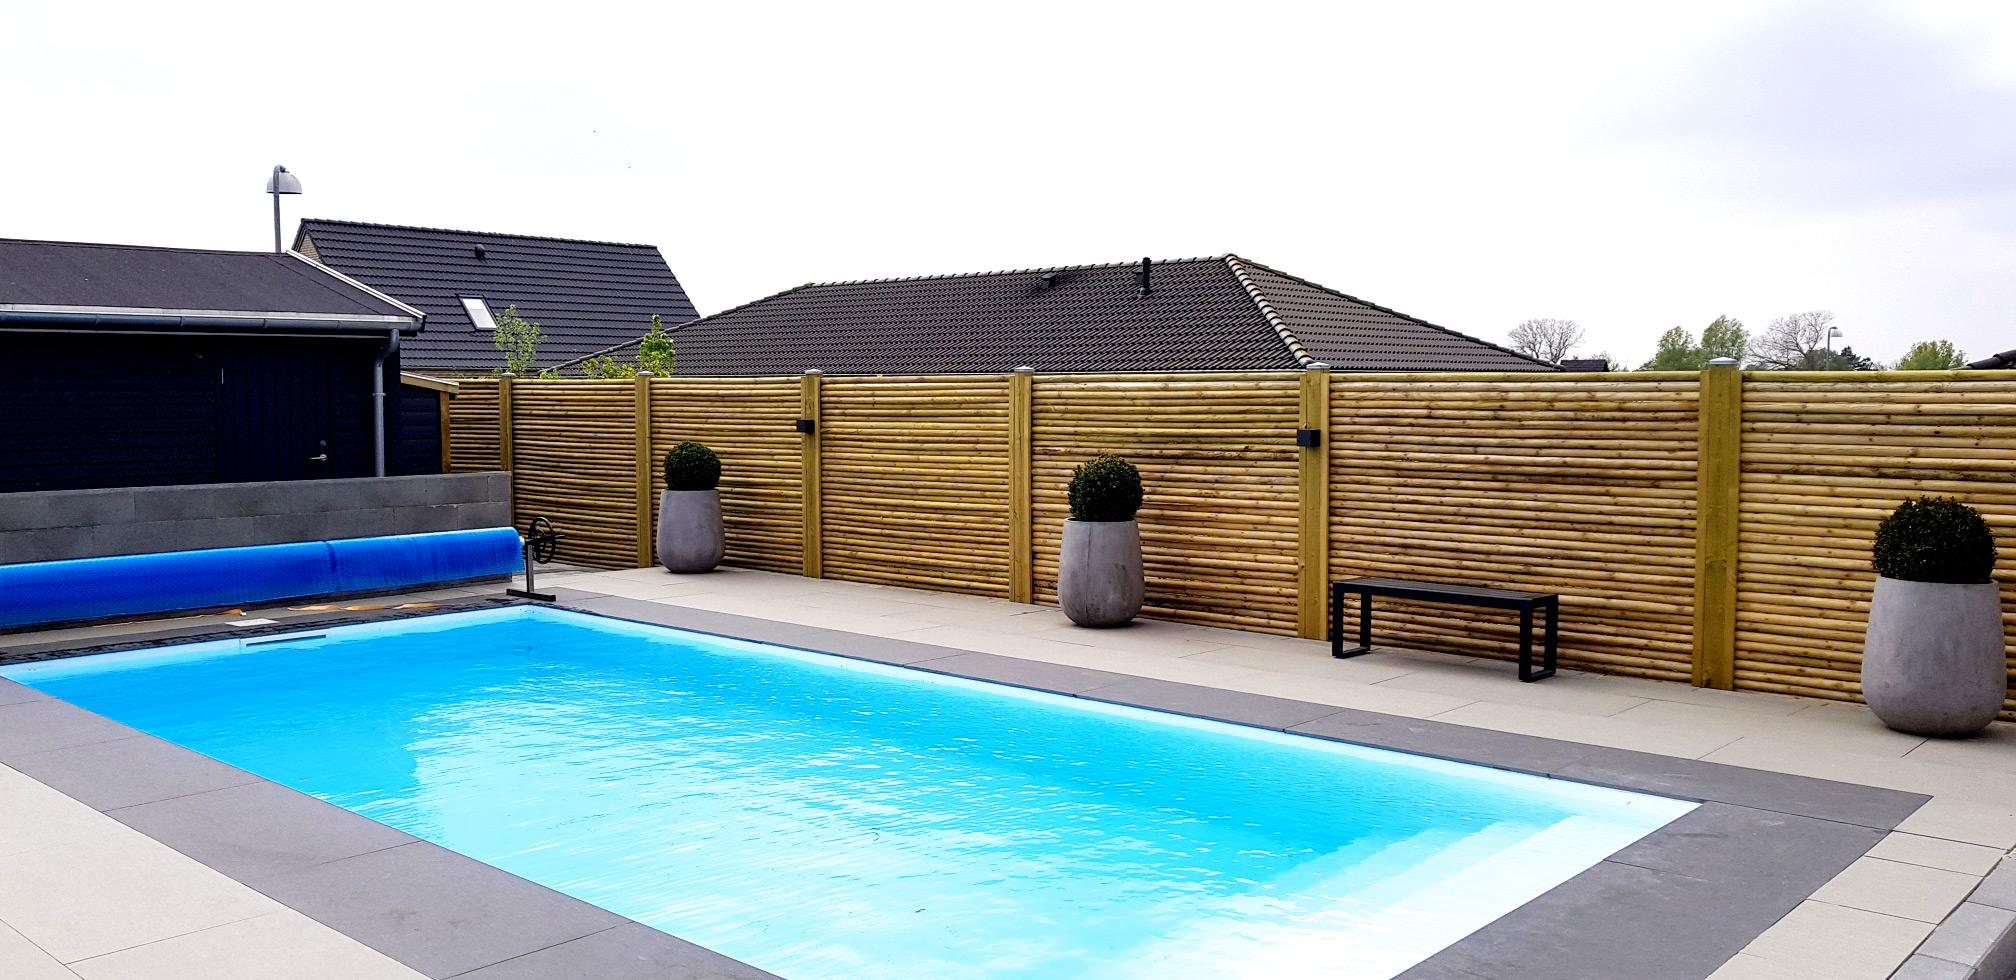 Lækker PP swimming pool i Roskilde etableret af Pool Eksperten